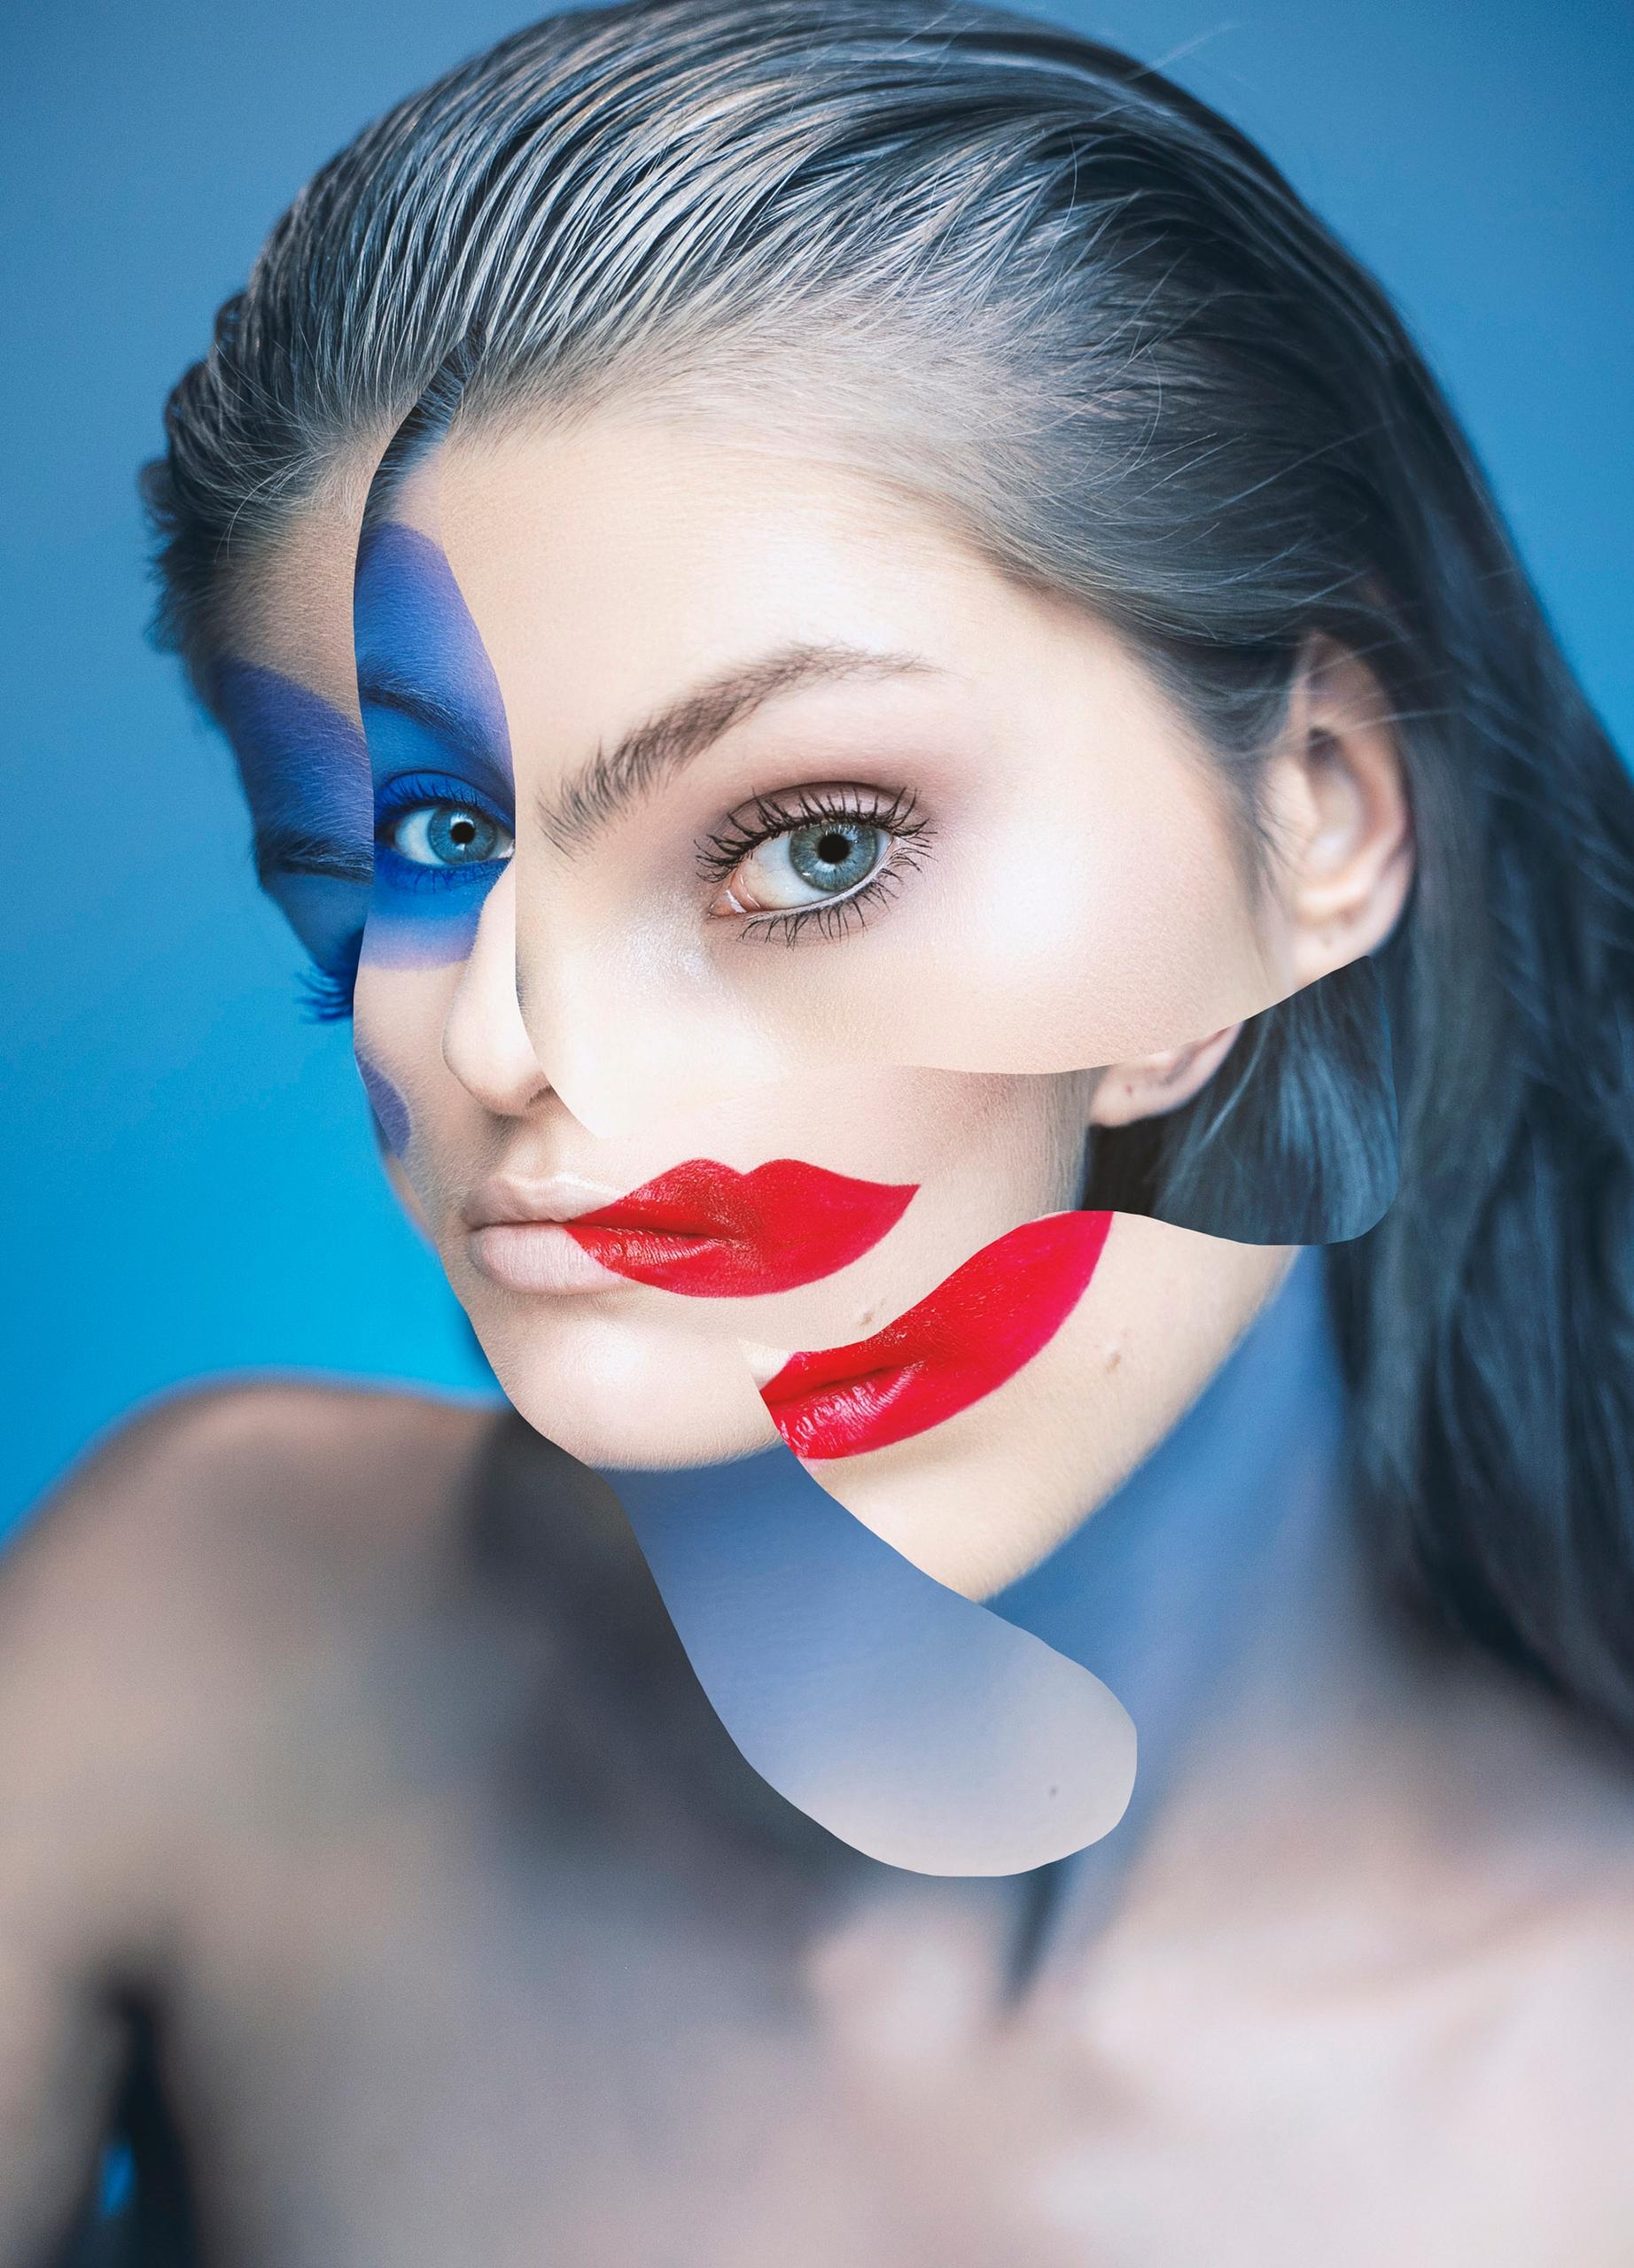 Zdjęcie przedstawia portret kobiety na niebieskim tle. Twarz kobiety zasłonięta jest przez inne fragmenty zdjęć.